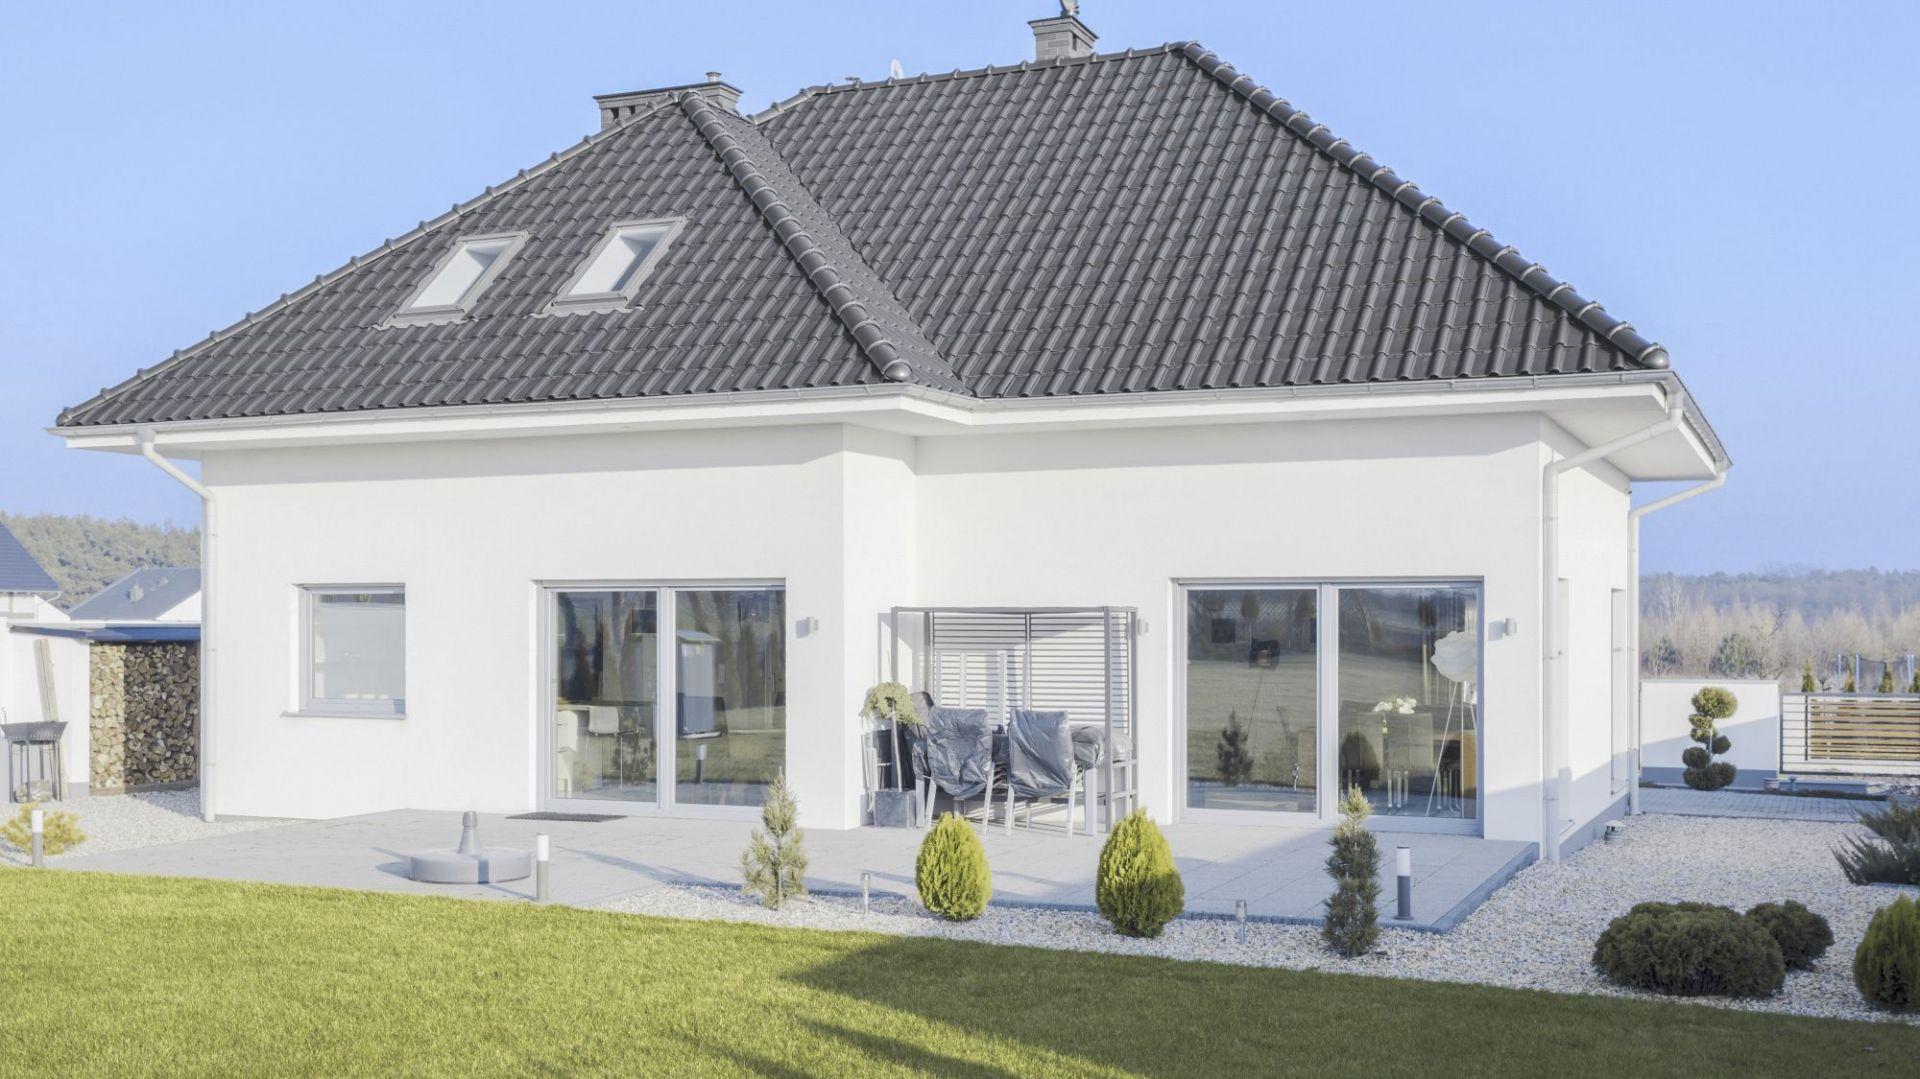 Duży wybór blaszanych pokryć dachowych sprawia, że jest to materiał bardzo zróżnicowany pod względem wyglądu. Fot. Regamet